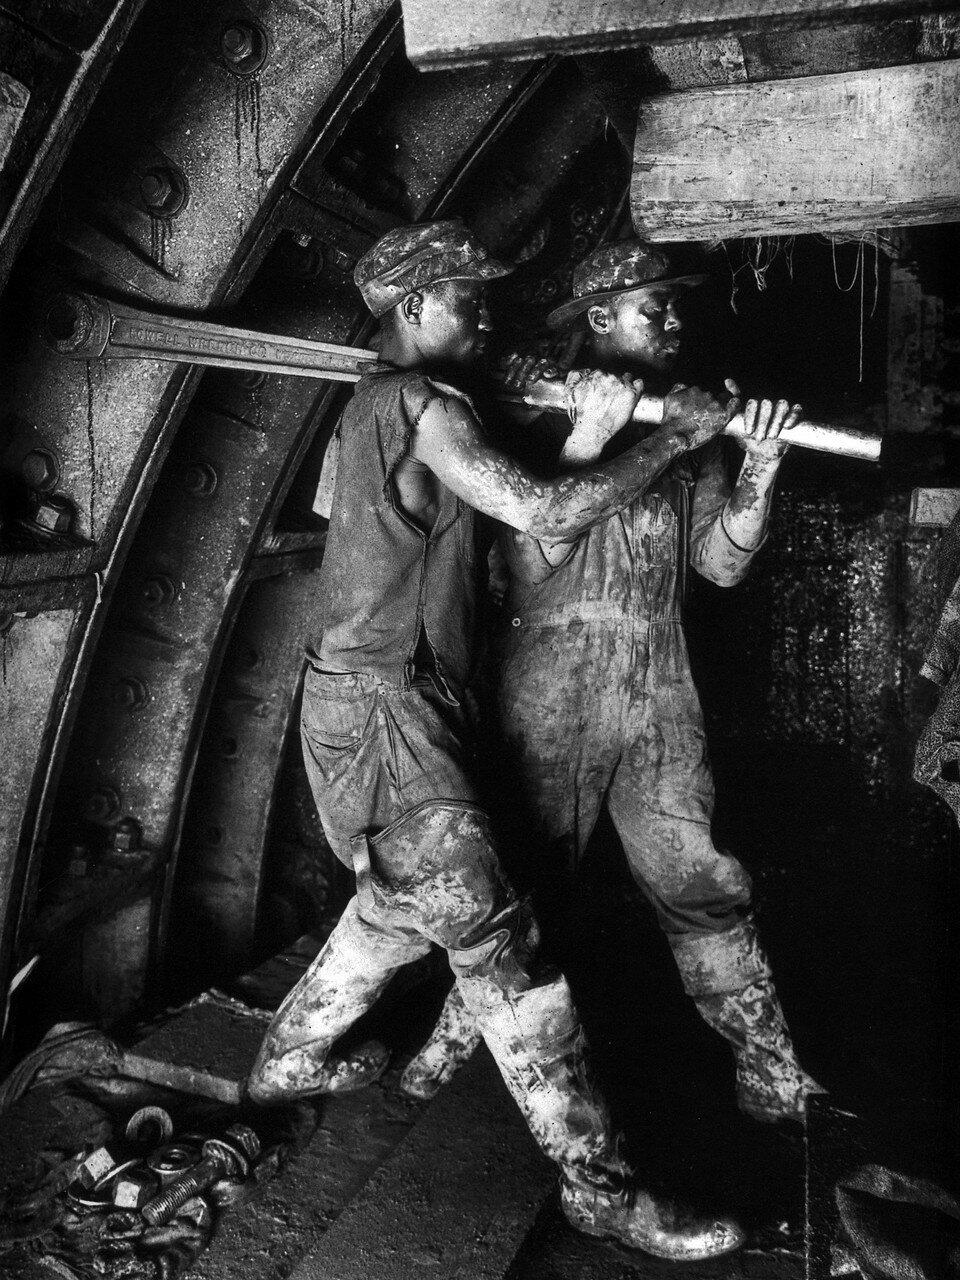 1924 20 августа. Двое негров затягивают болты в туннеле